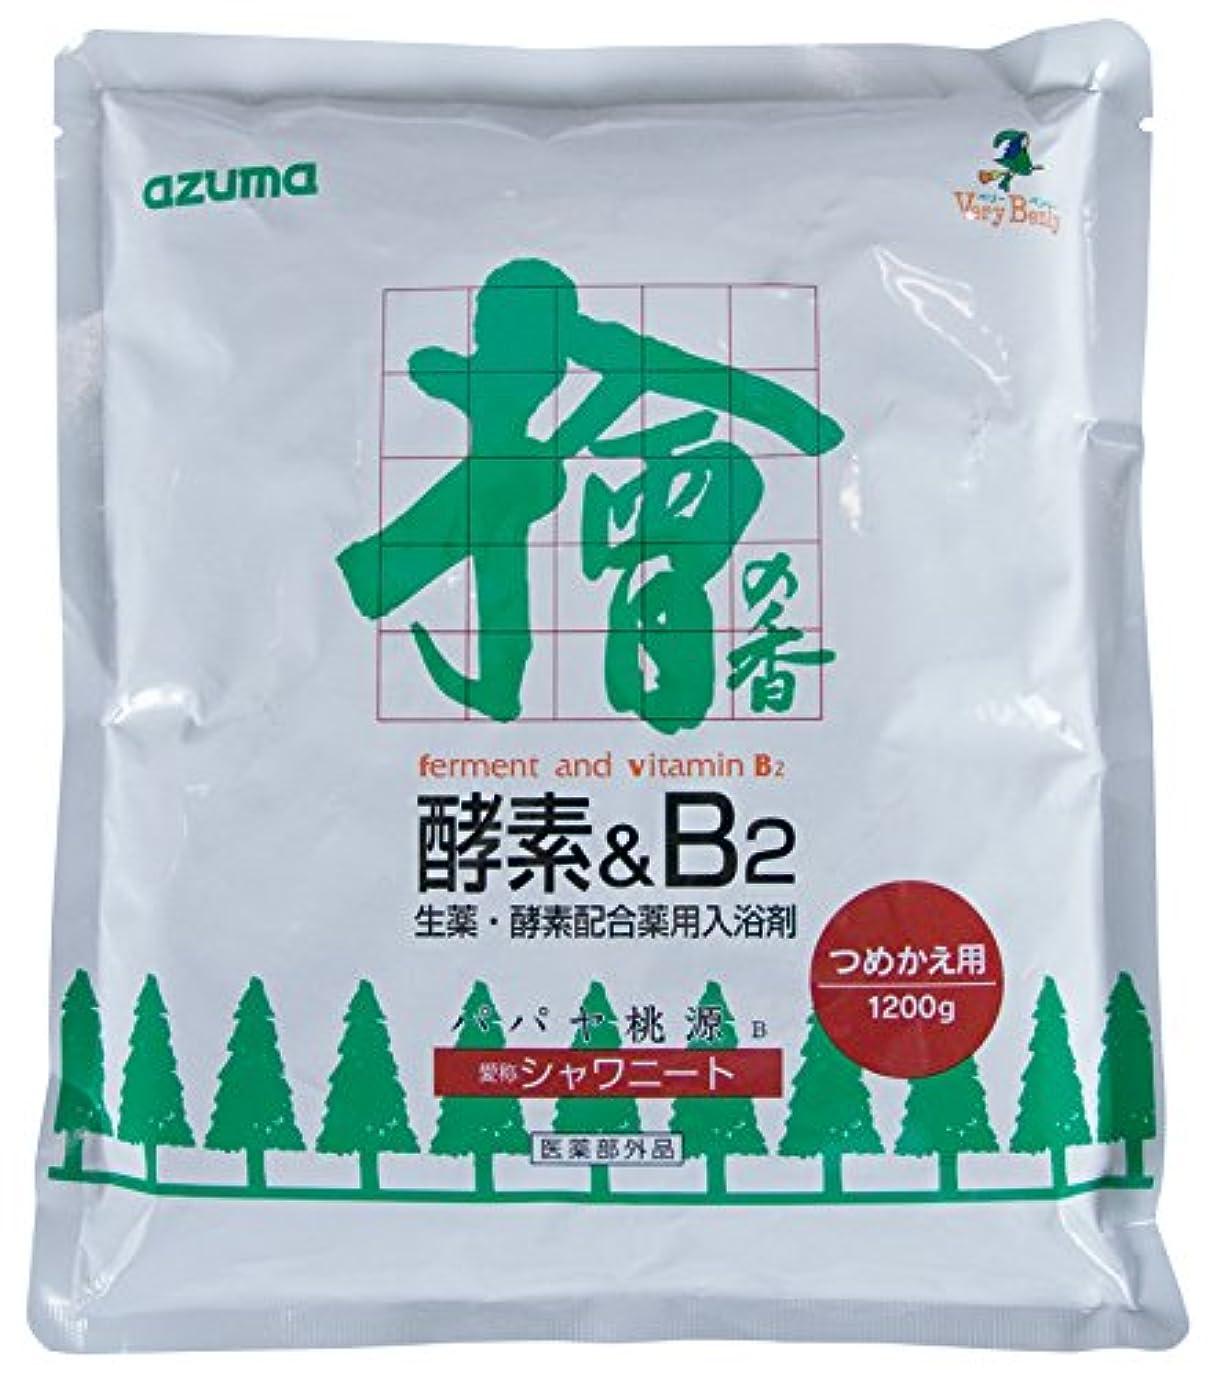 ドラッグ病的勝利アズマ 『入浴剤』 生薬&酵素配合 TK ヒノキの香り シャワニート つめかえ用 1200g